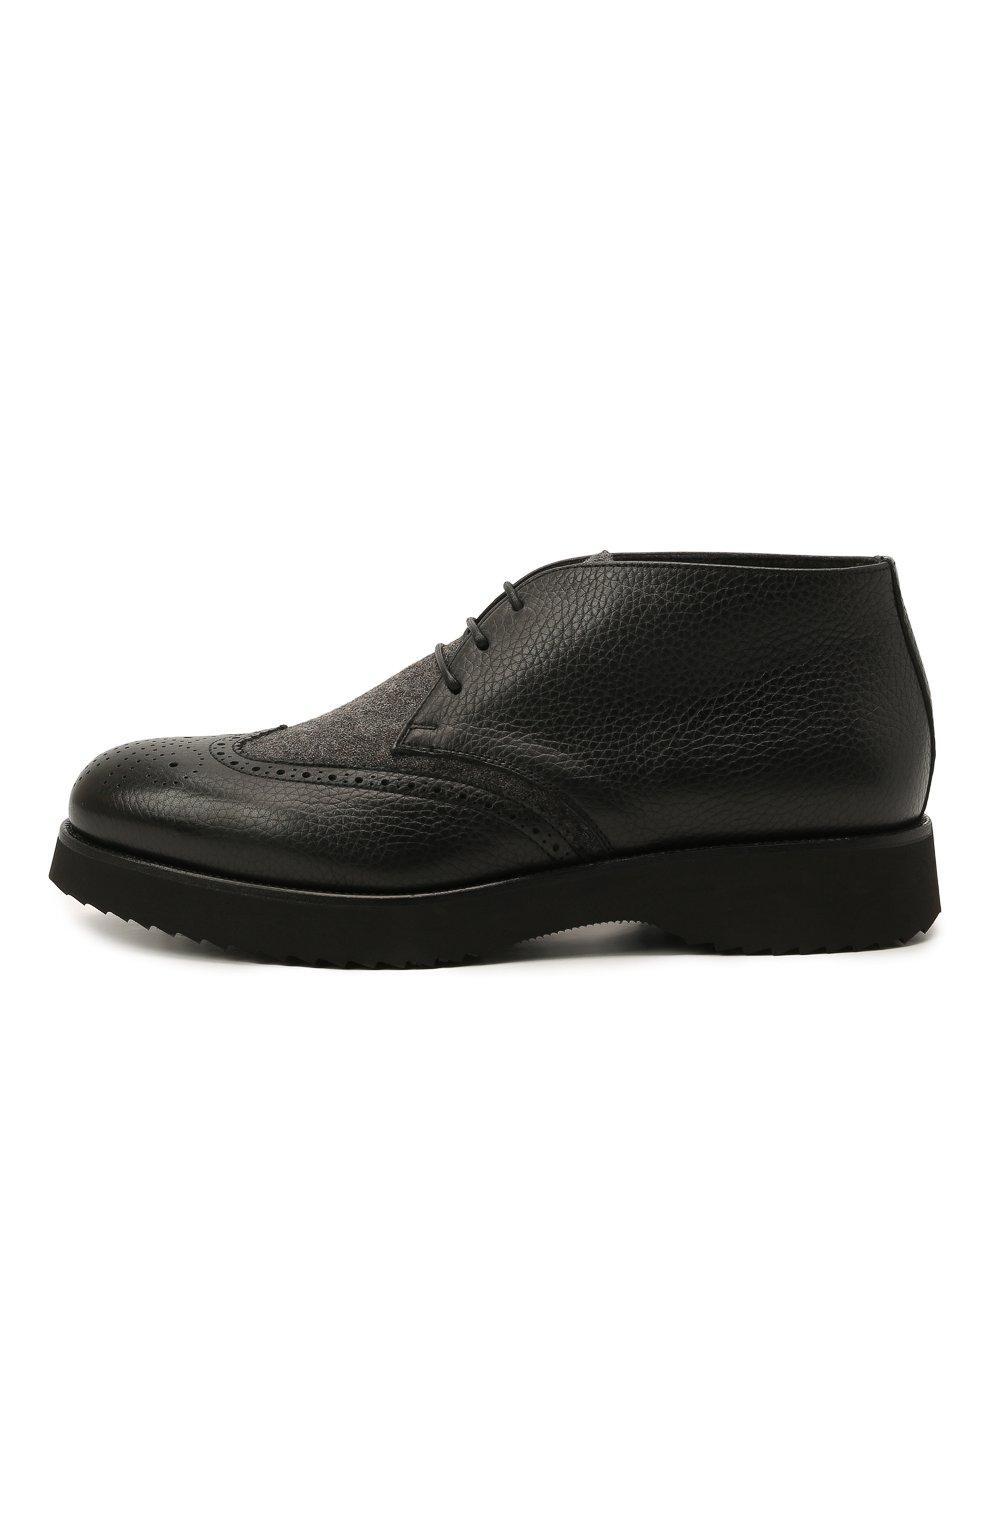 Мужские комбинированные ботинки DOUCAL'S черного цвета, арт. DU2888DAK0PT208NN00 | Фото 3 (Материал внешний: Текстиль; Мужское Кросс-КТ: Ботинки-обувь, Дезерты-обувь; Материал внутренний: Натуральная кожа, Текстиль; Подошва: Плоская)